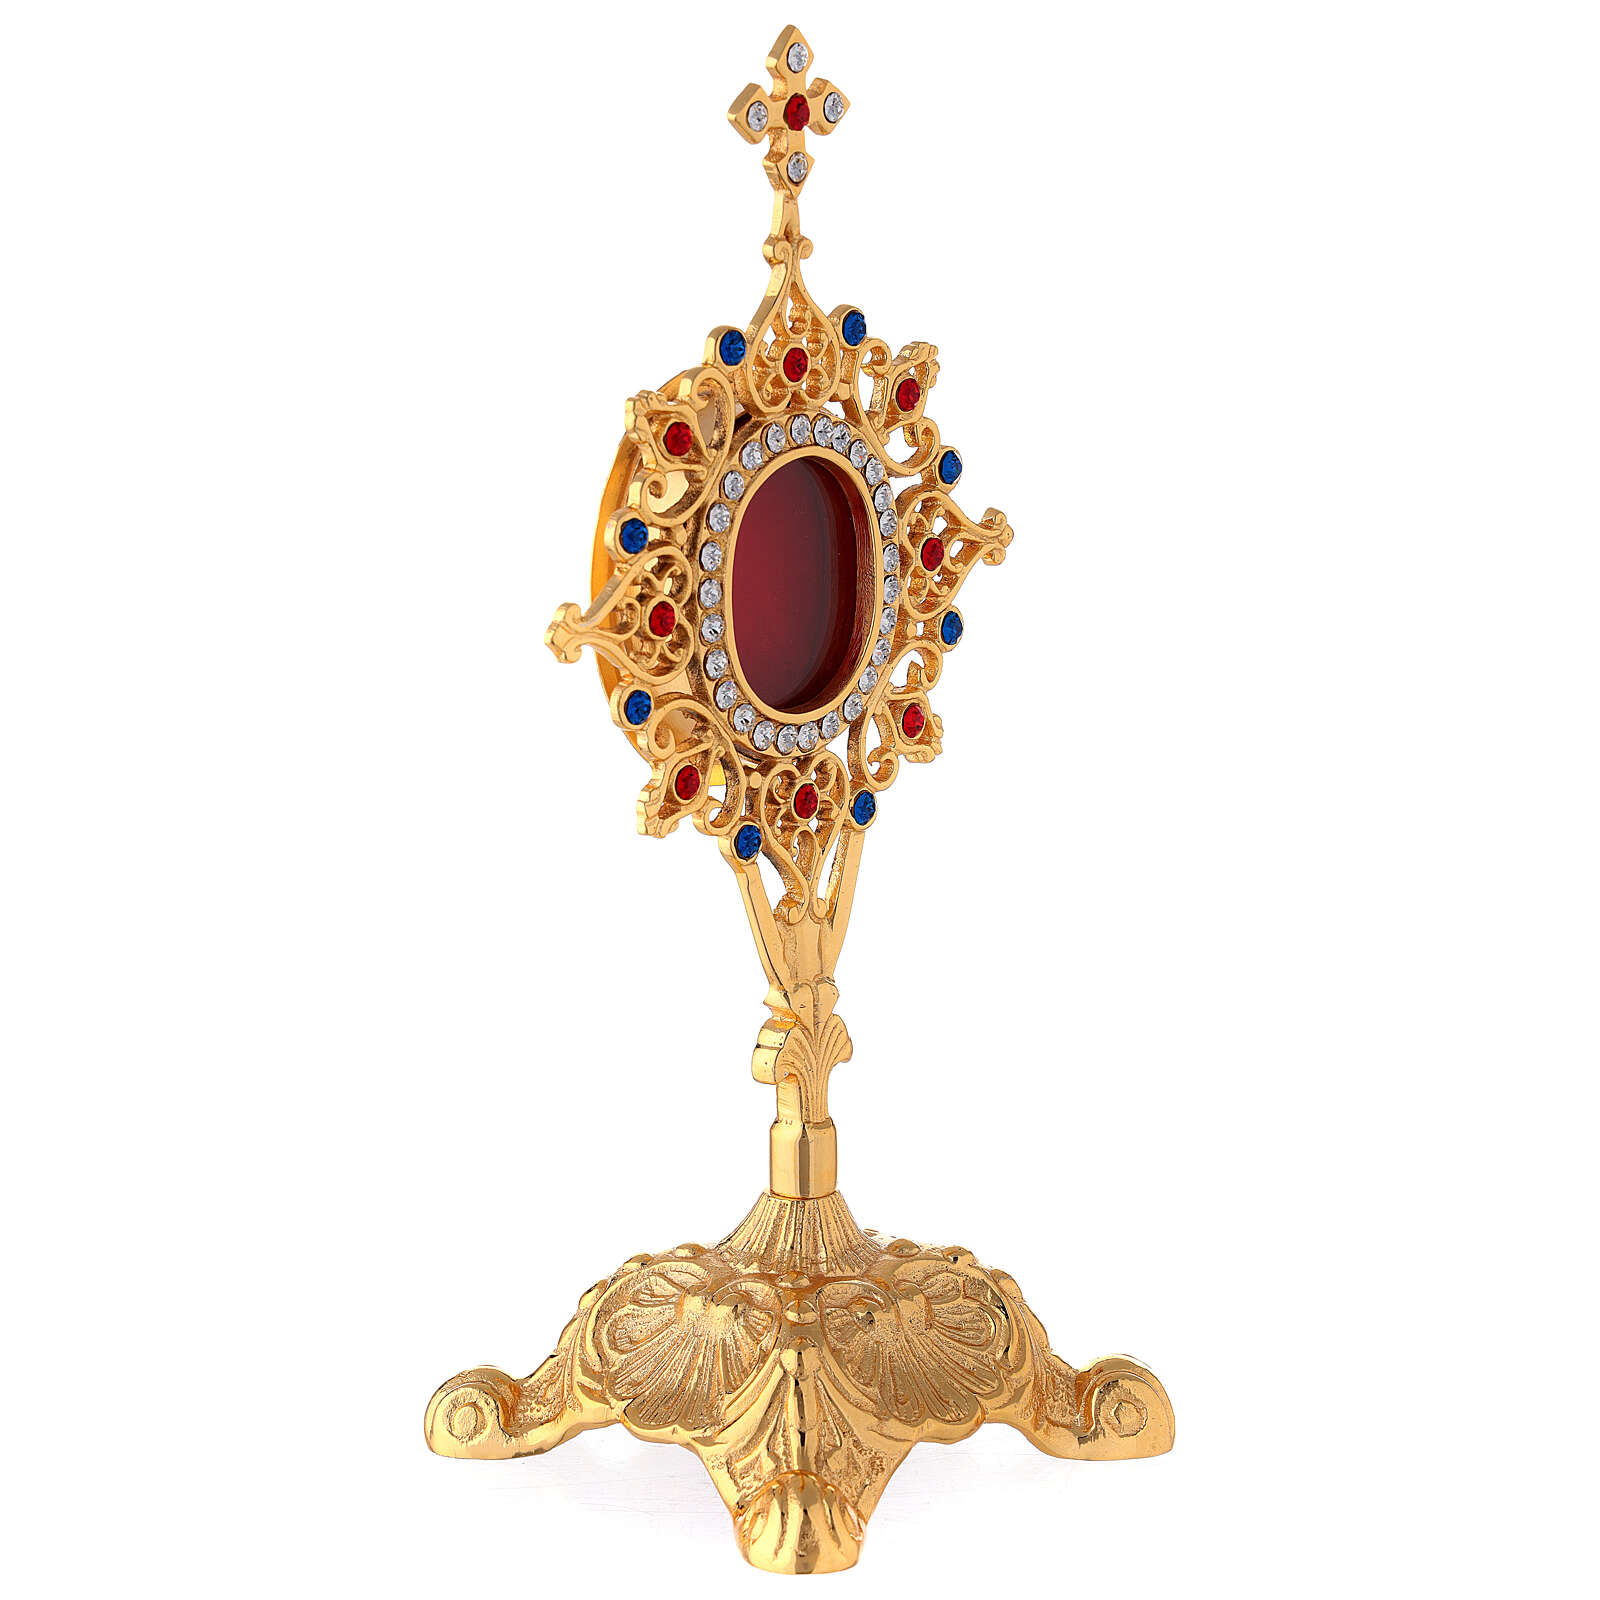 Reliquiario barocco ovale ottone cristalli 24 cm 4